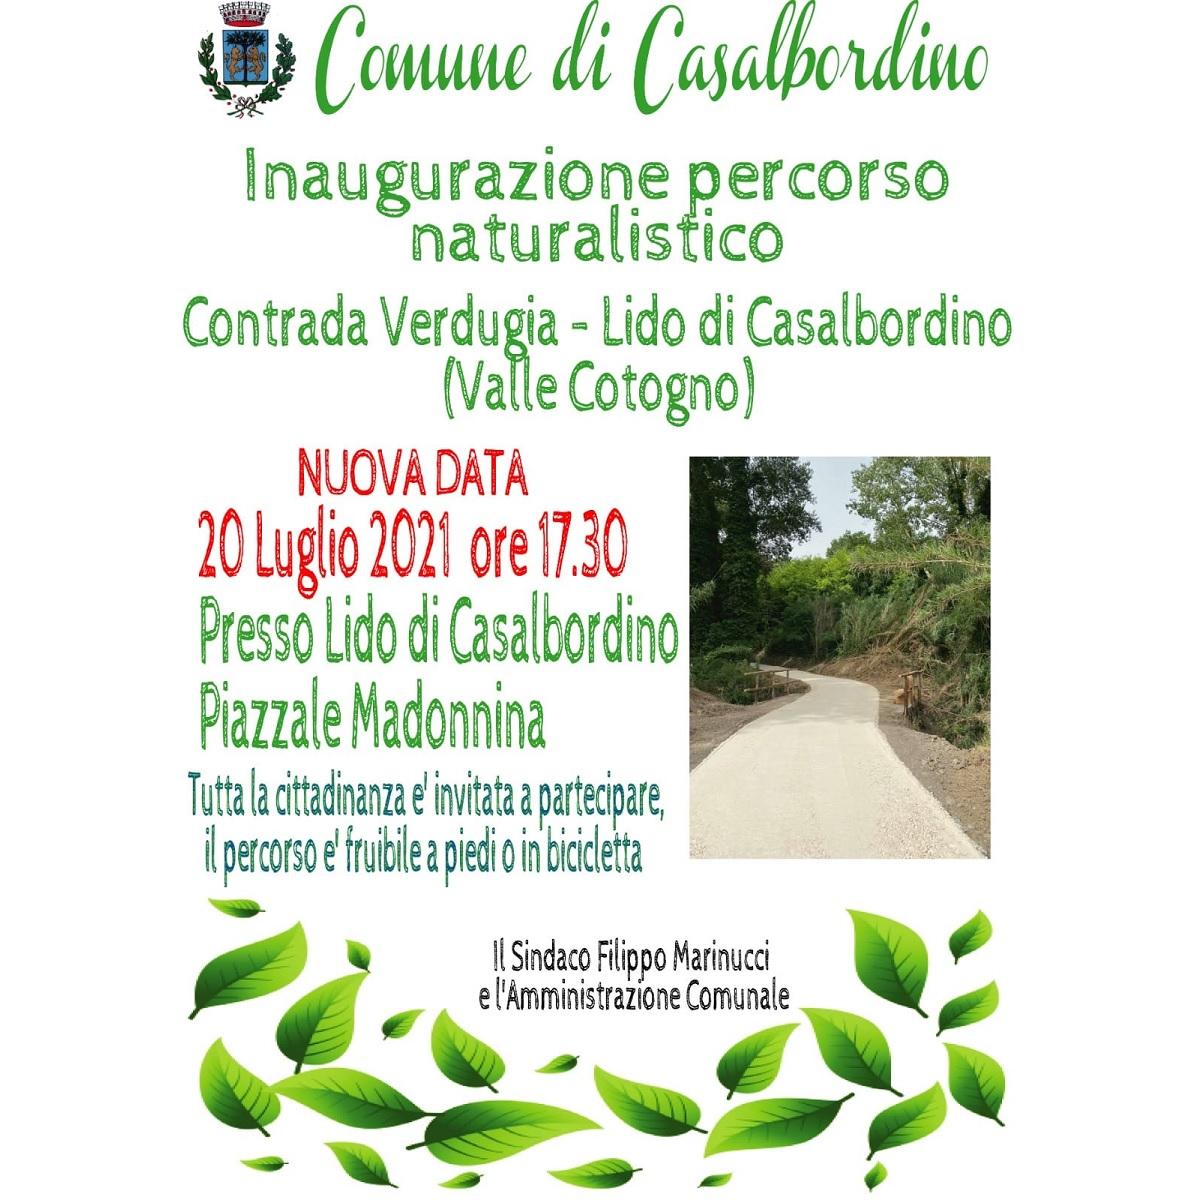 Inaugurazione del percorso naturalistico 20 luglio 2021 foto